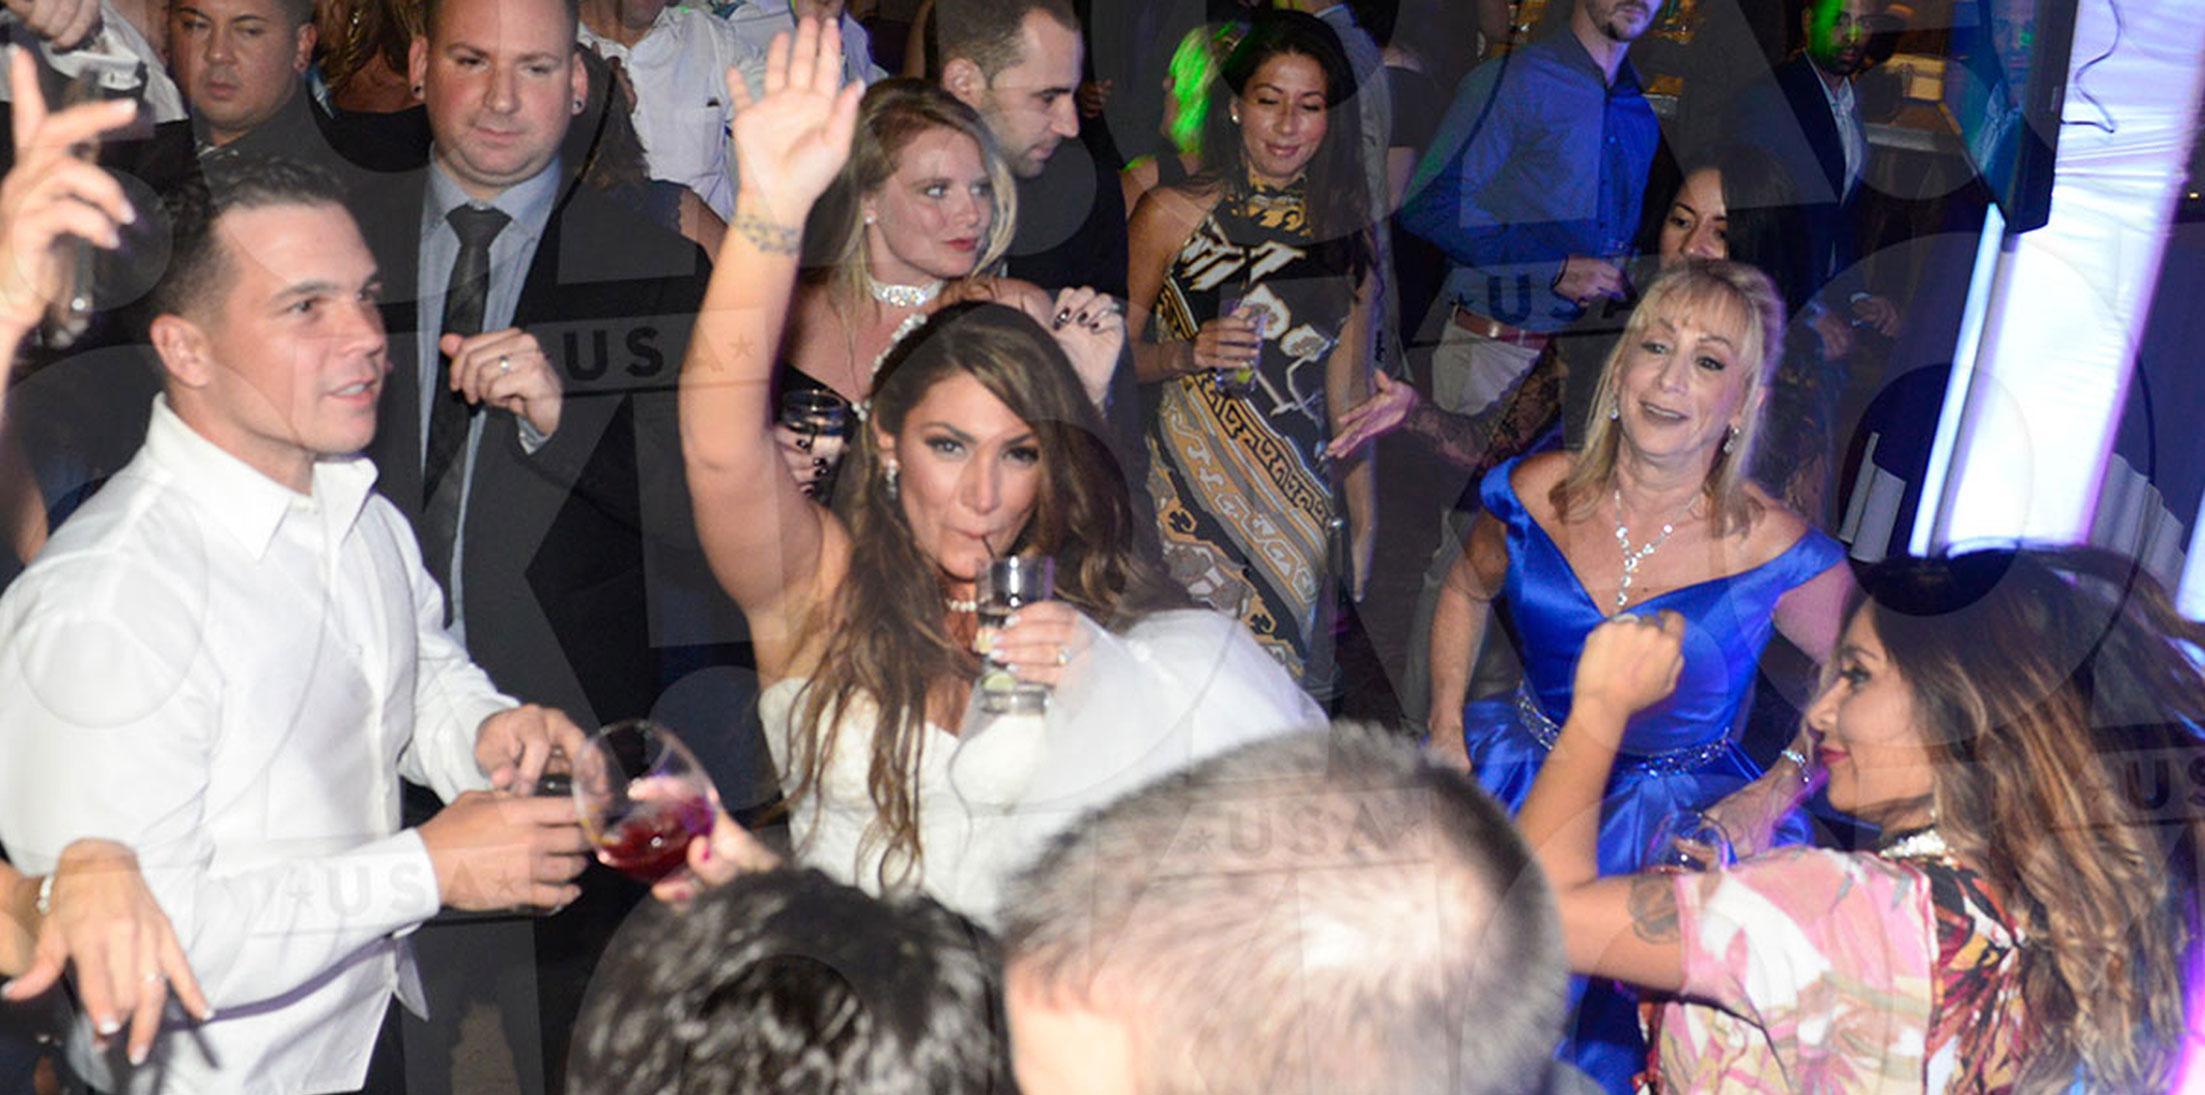 Deena Cortese Wedding Reception Party Pics Wide 1